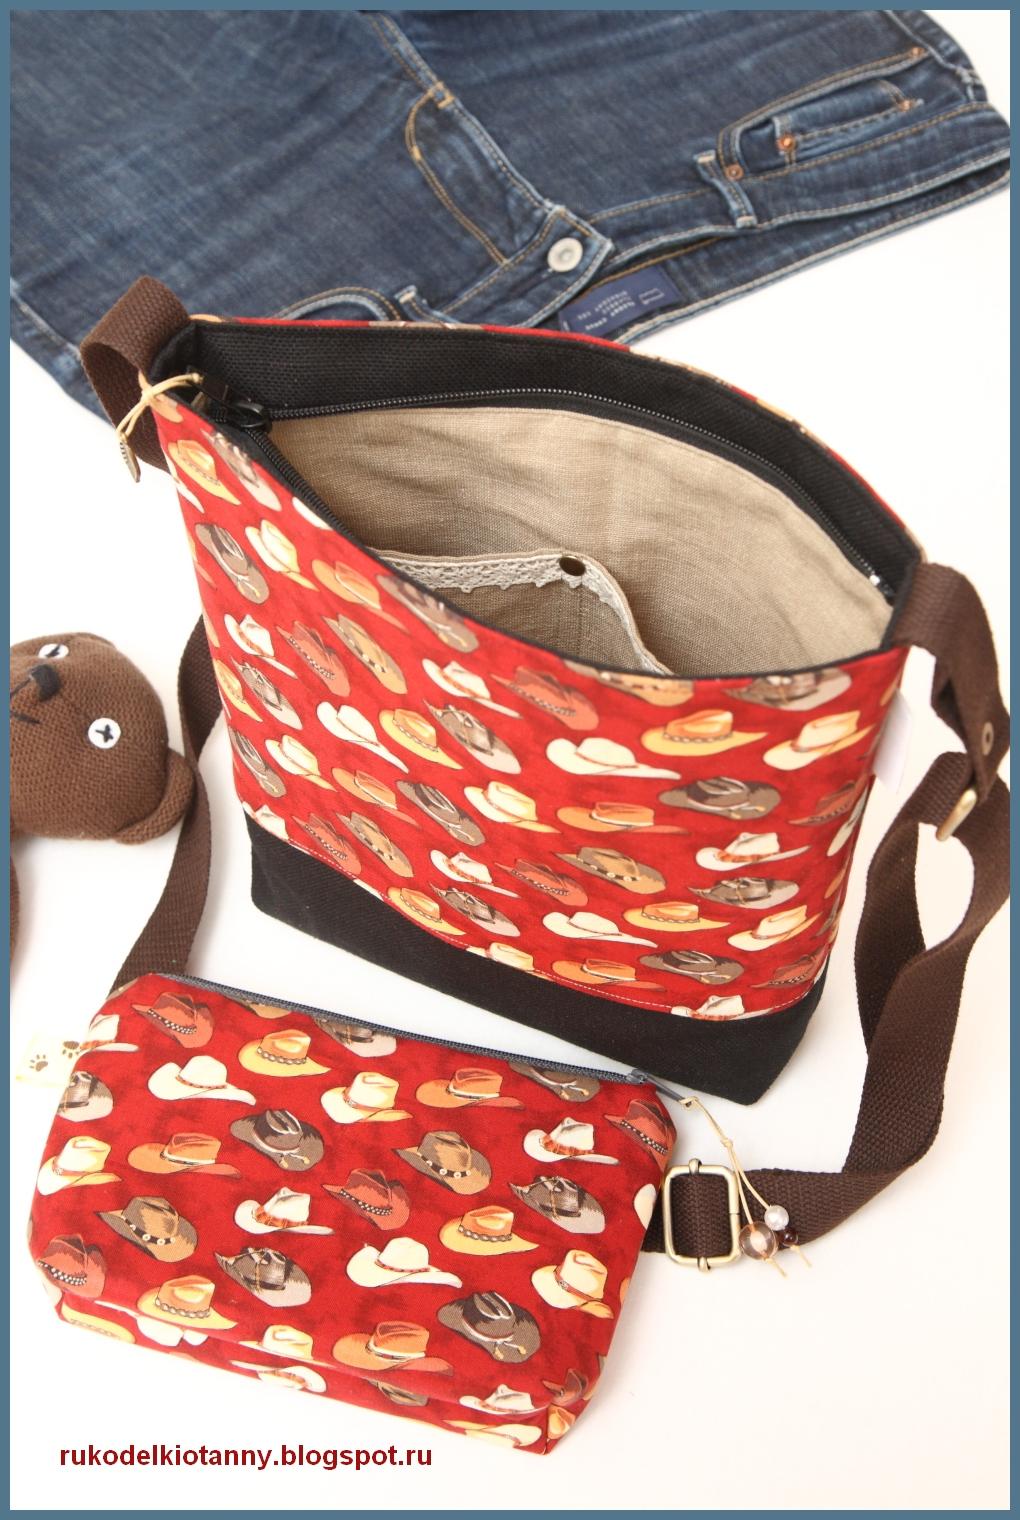 магазин сумок 1 инстаграм